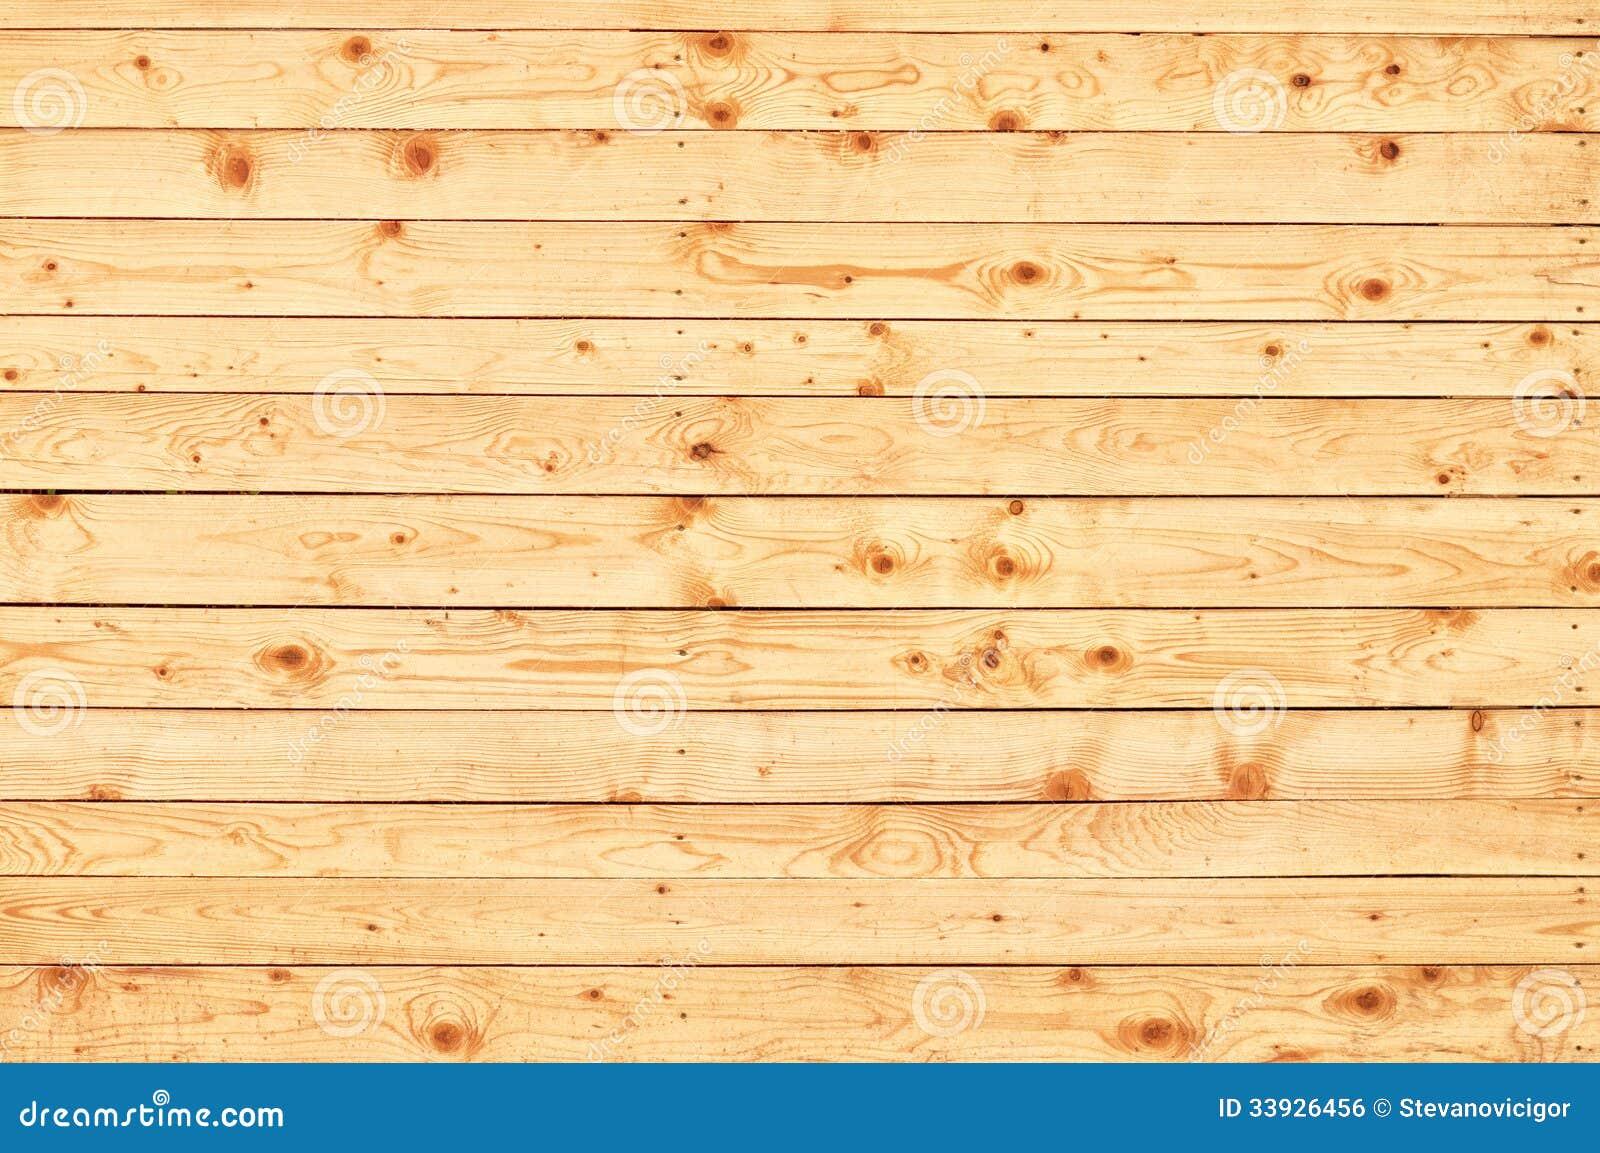 fond en bois de texture de planche photo stock image 33926456. Black Bedroom Furniture Sets. Home Design Ideas